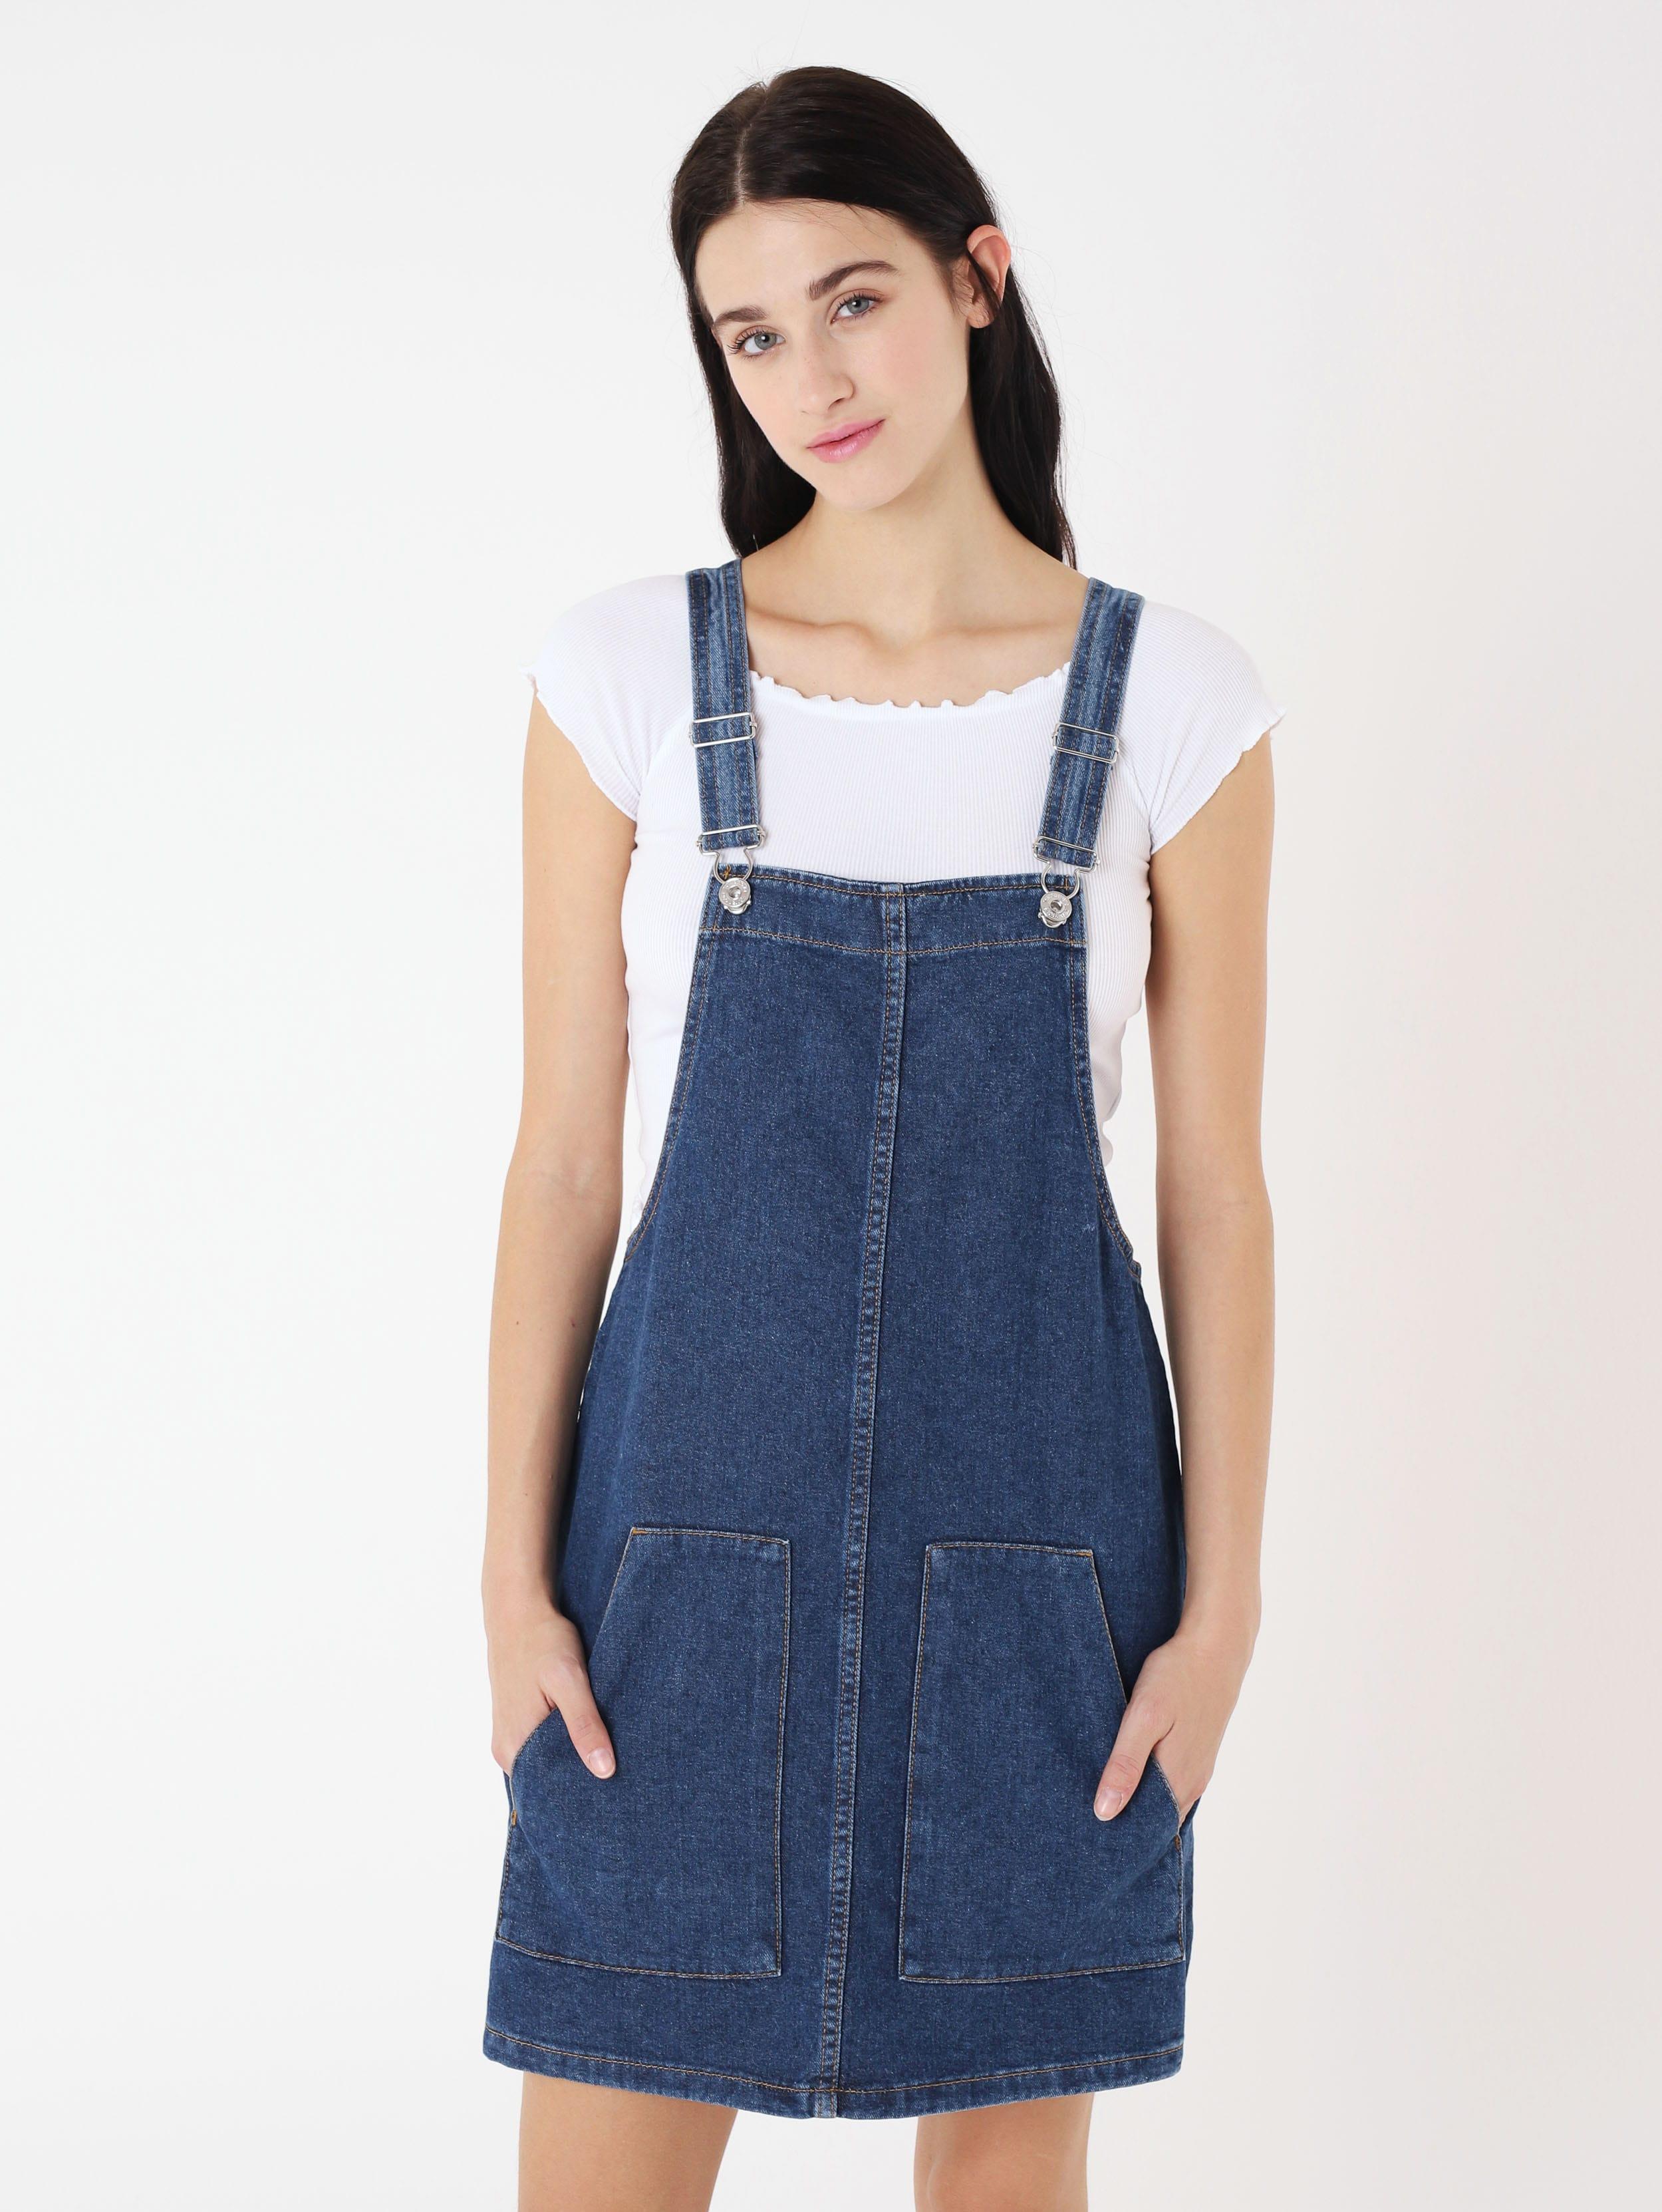 Salopette di jeans a 19,99 euro